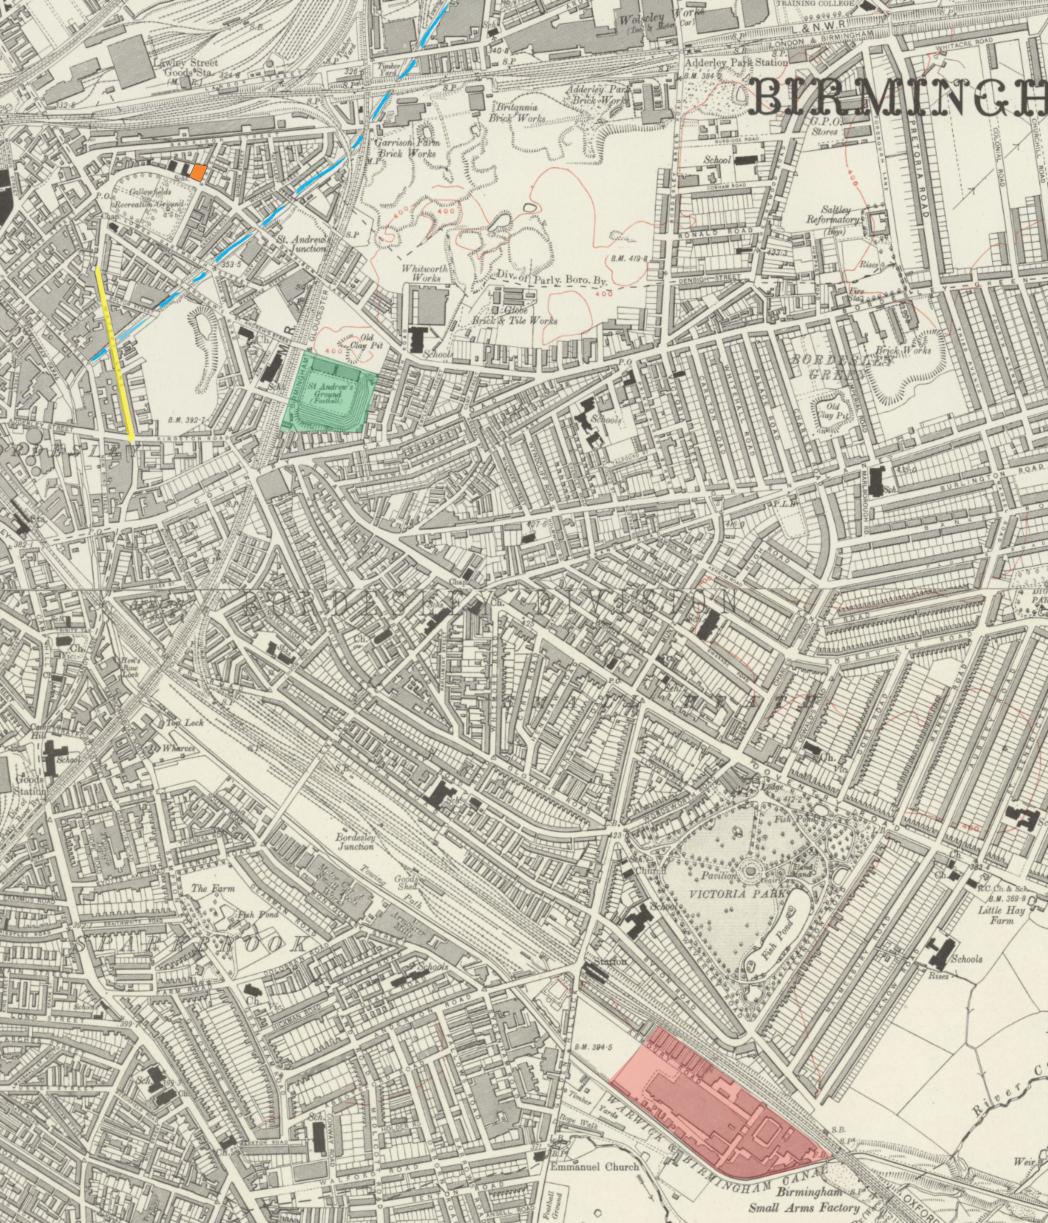 Mapa de Small Heath na década de 1910, com destaque para as instalações da fábrica da Birmingham Small Arms (BSA), em vermelho. Fonte: https://maps.nls.uk/view/101584672